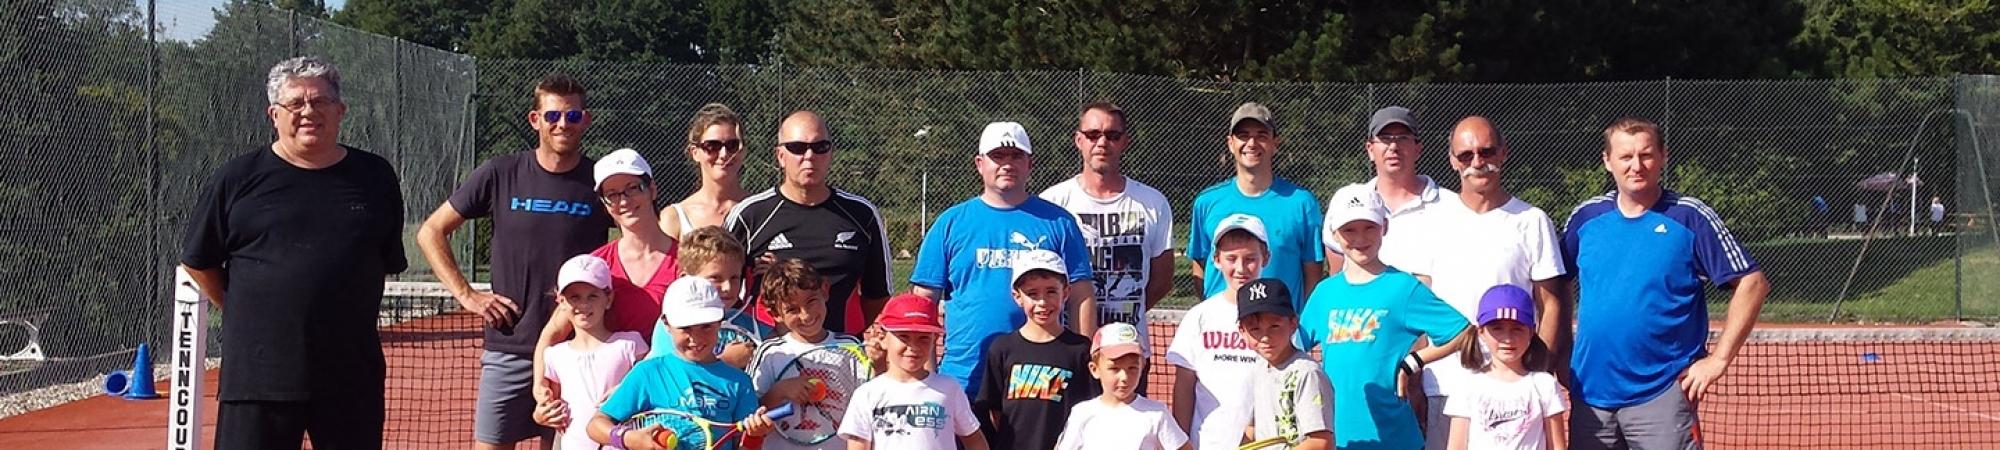 Slider 3 Tennis Club de Réding